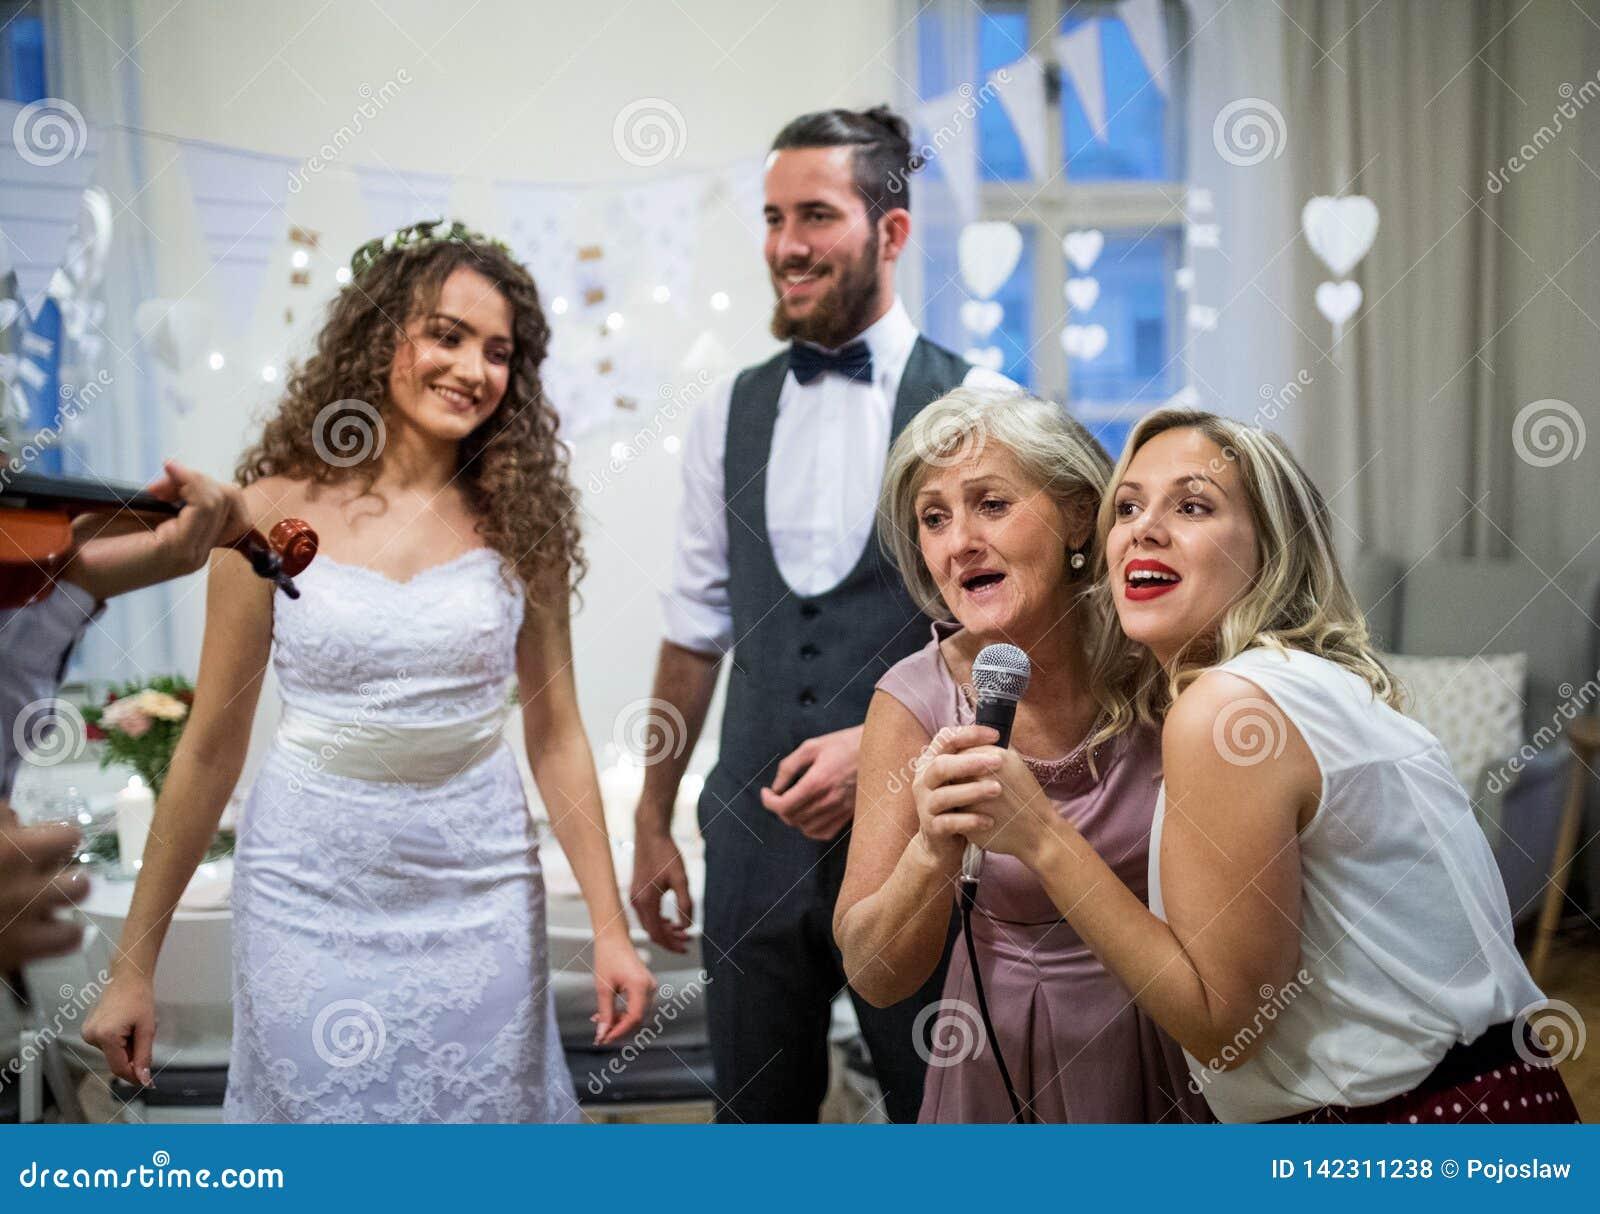 En ung brud och brudgum med andra gäster som dansar och sjunger på ett gifta sig mottagande